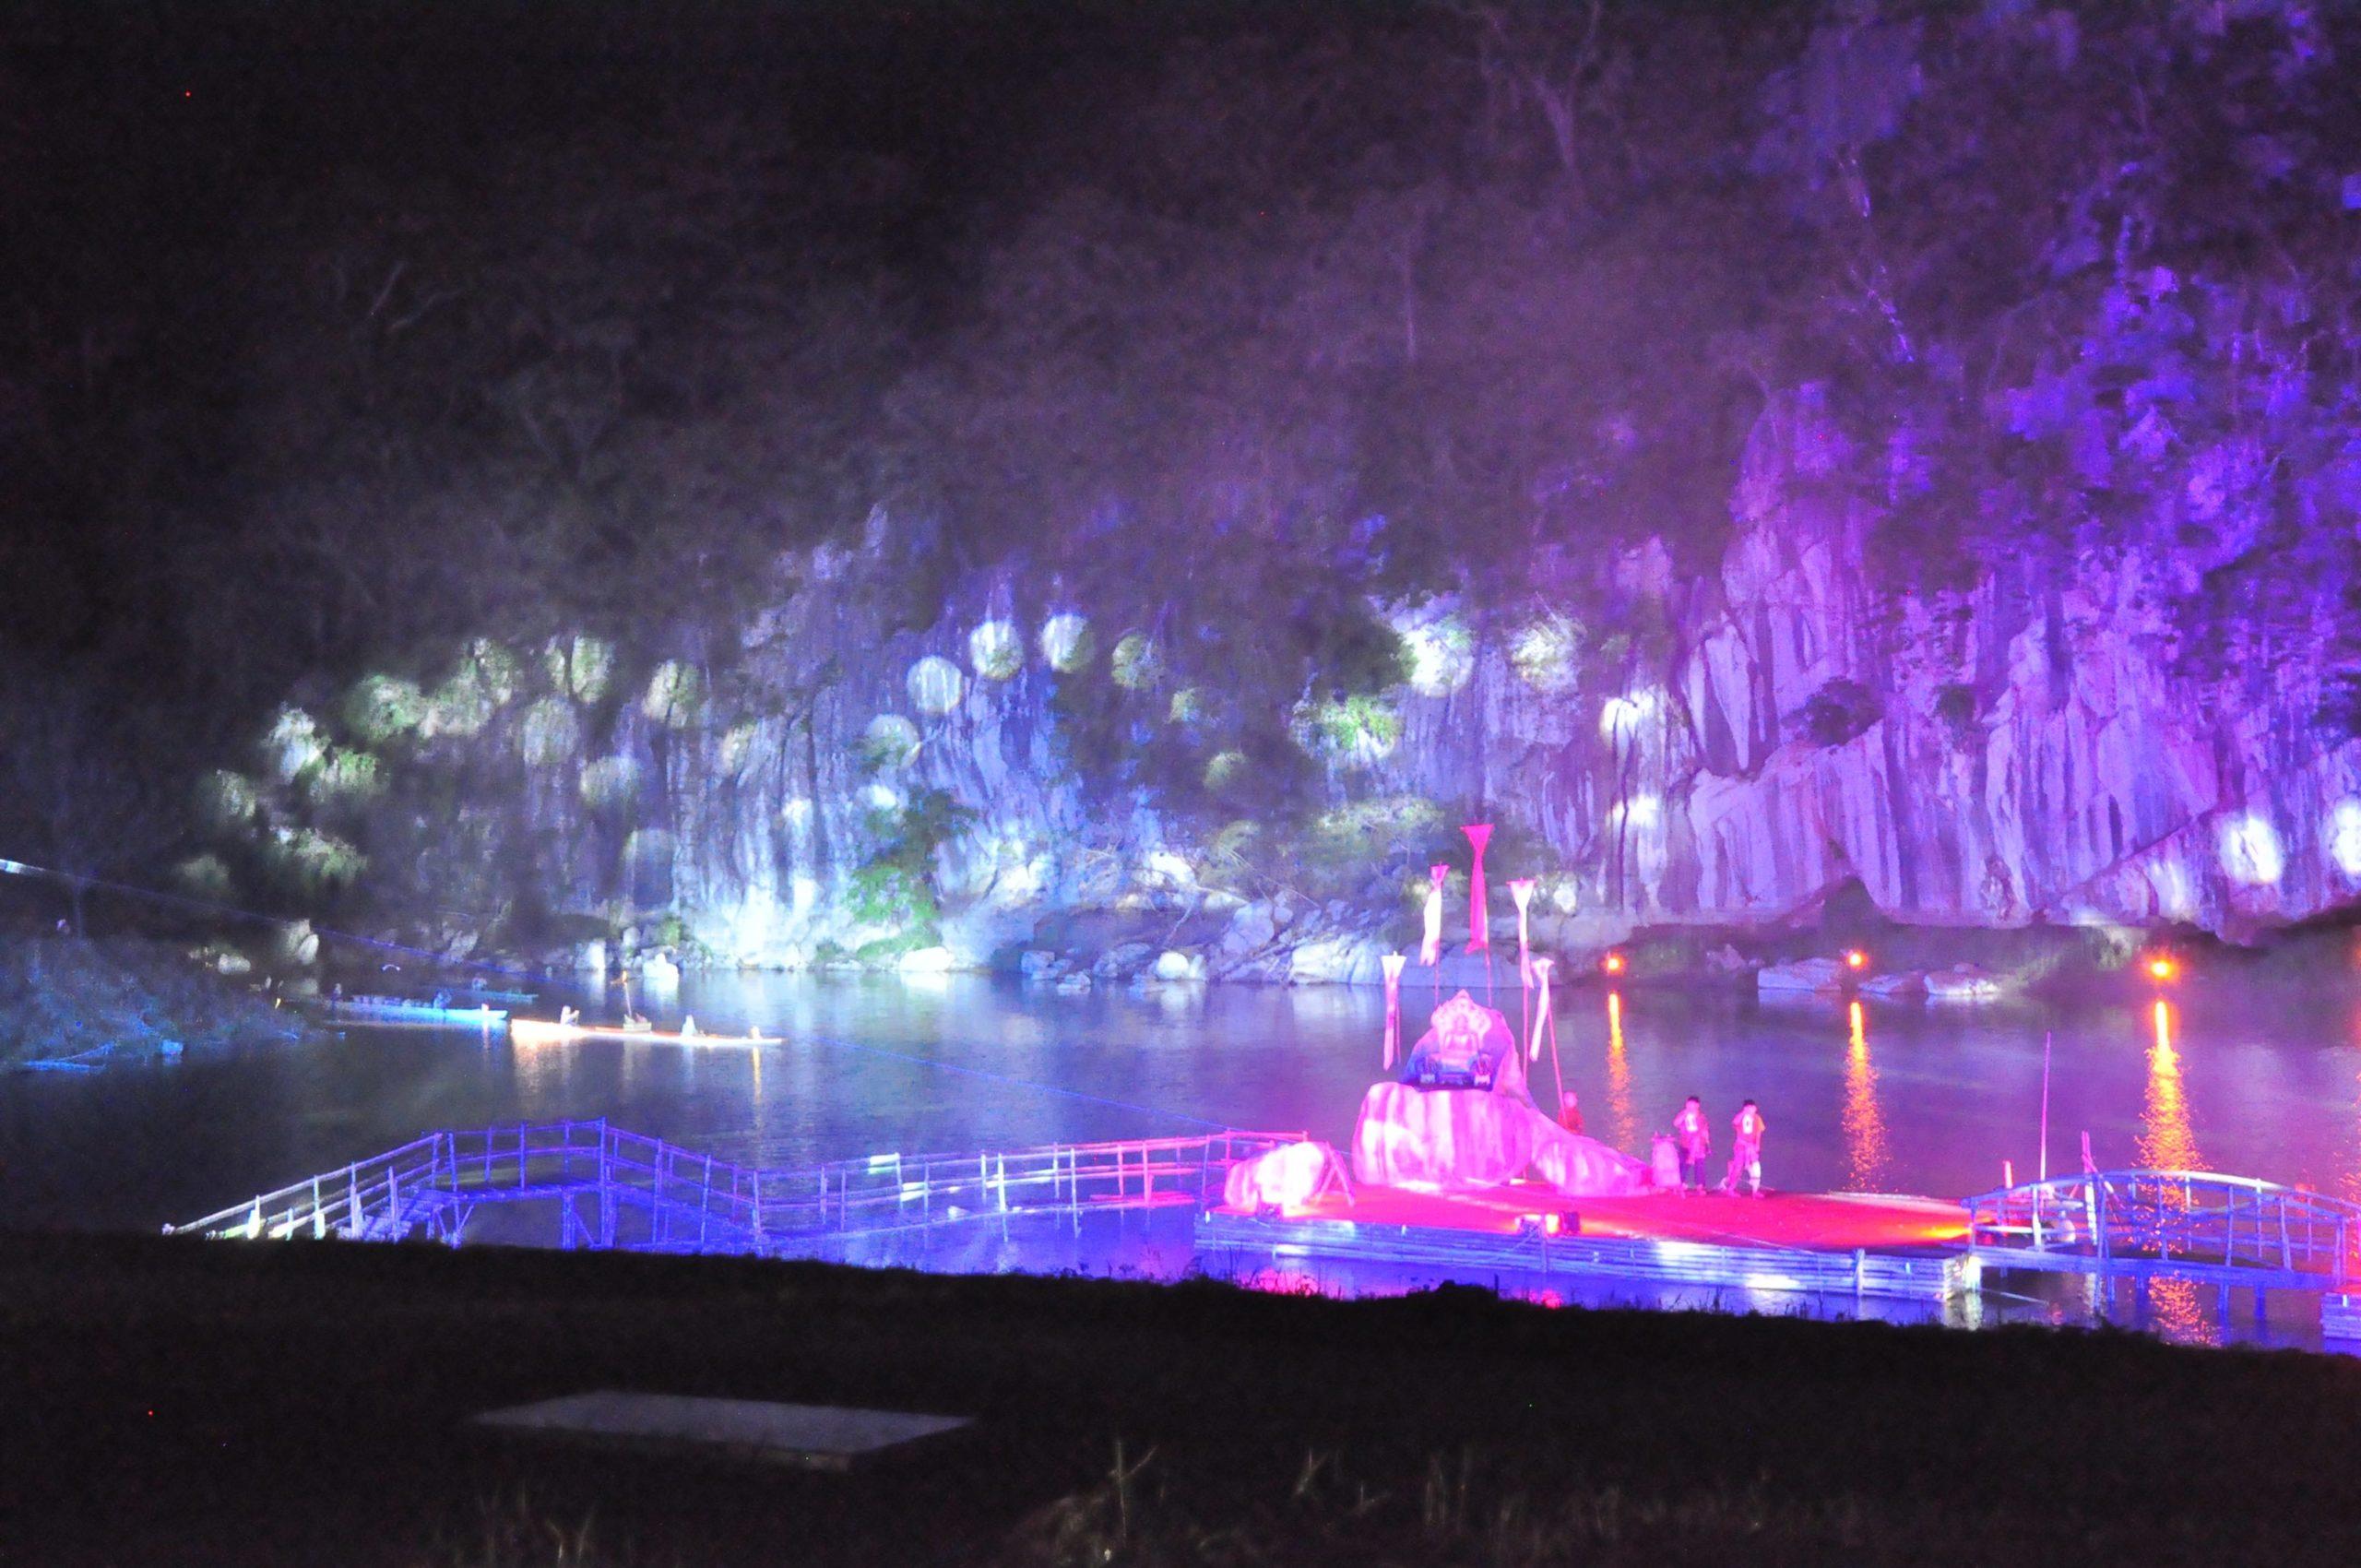 หนองบัวลำภูจัดงานแสดงแสง สี เสียง ย้อนตำนานนครเขื่อนขันธ์กาบแก้วบัวบาน หยุดยาวเข้าพรรษา